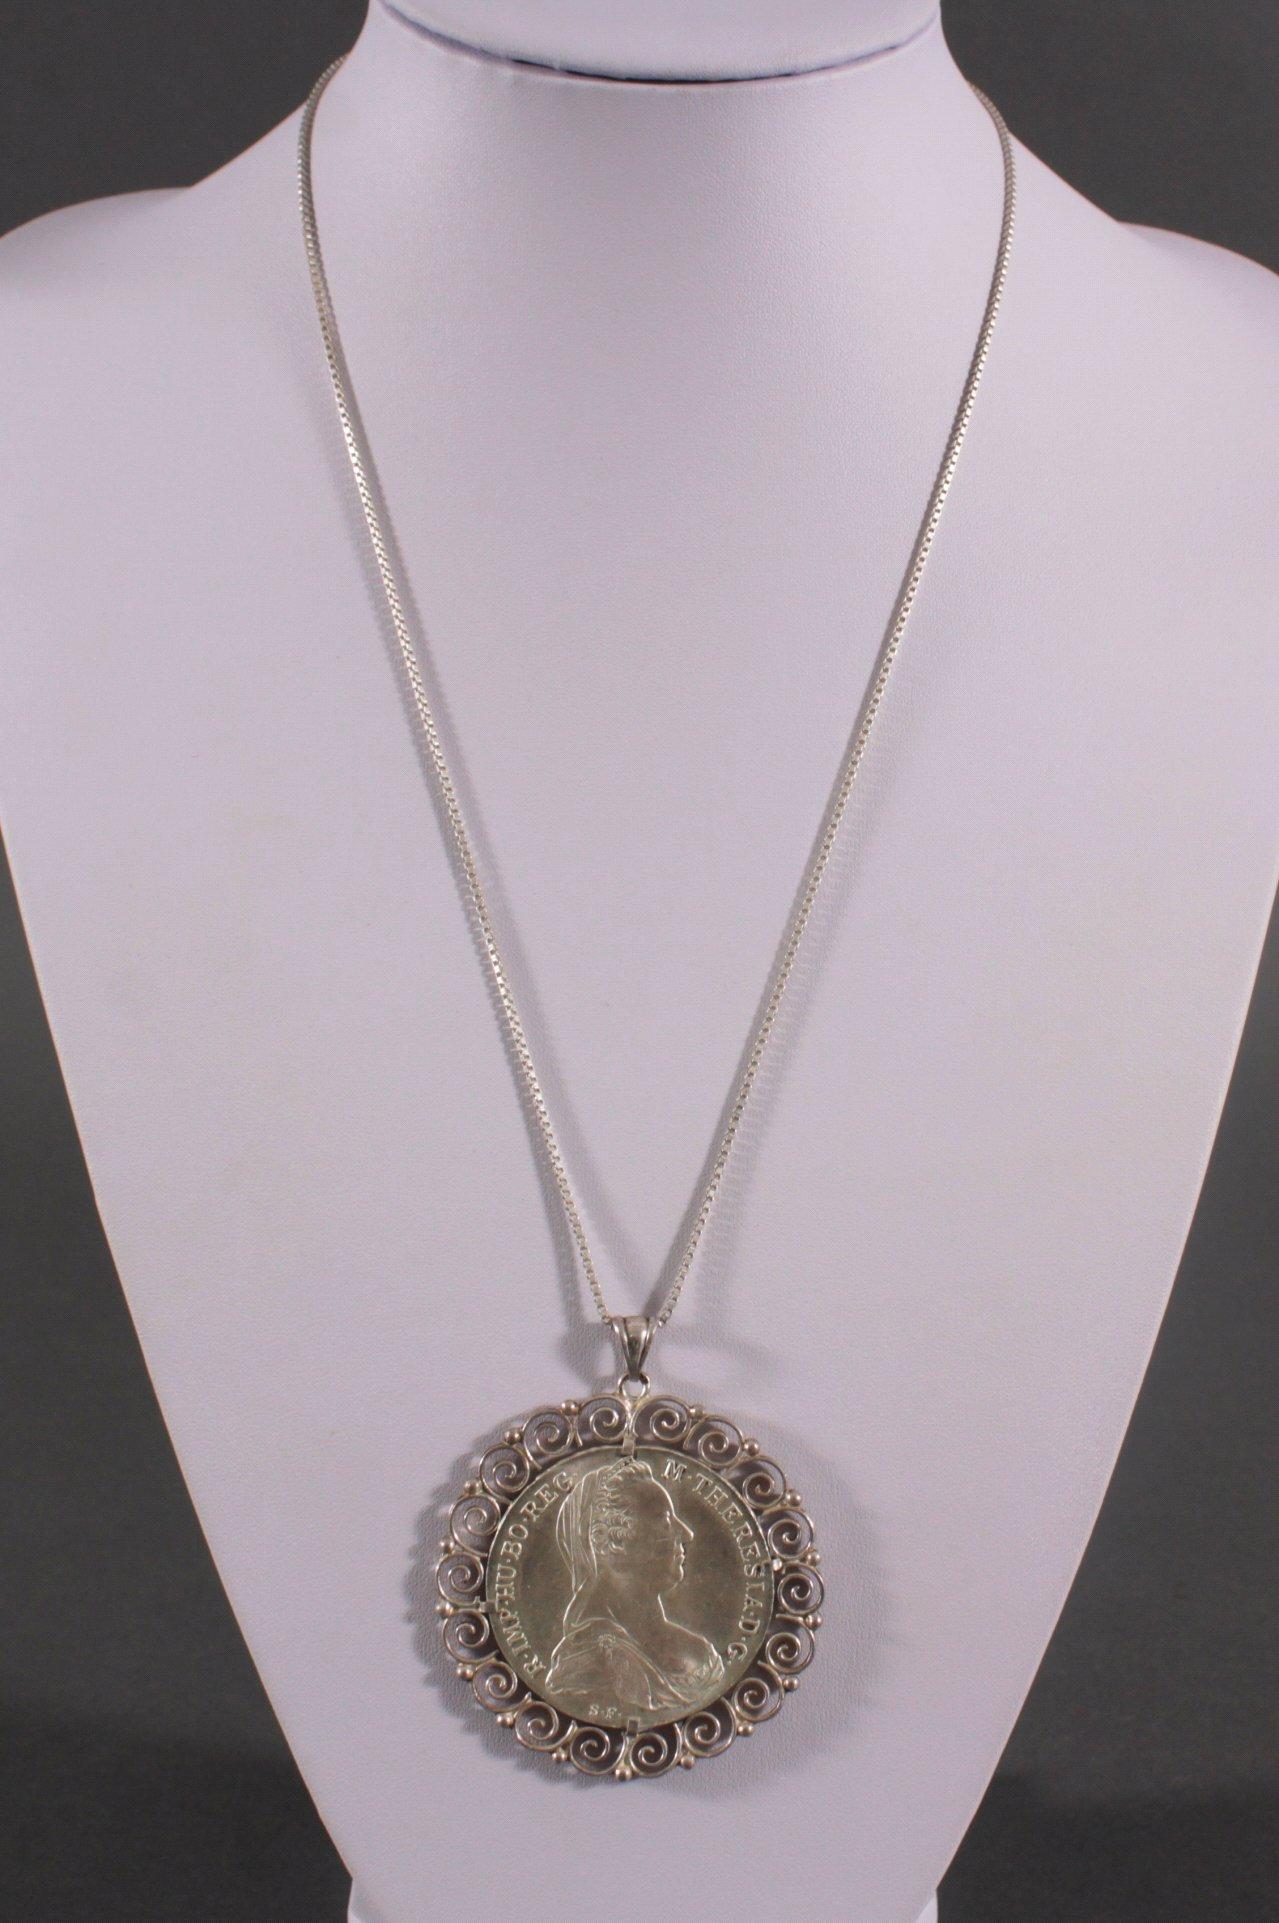 Silberkette mit gefasstem Theresientaler-Anhänger